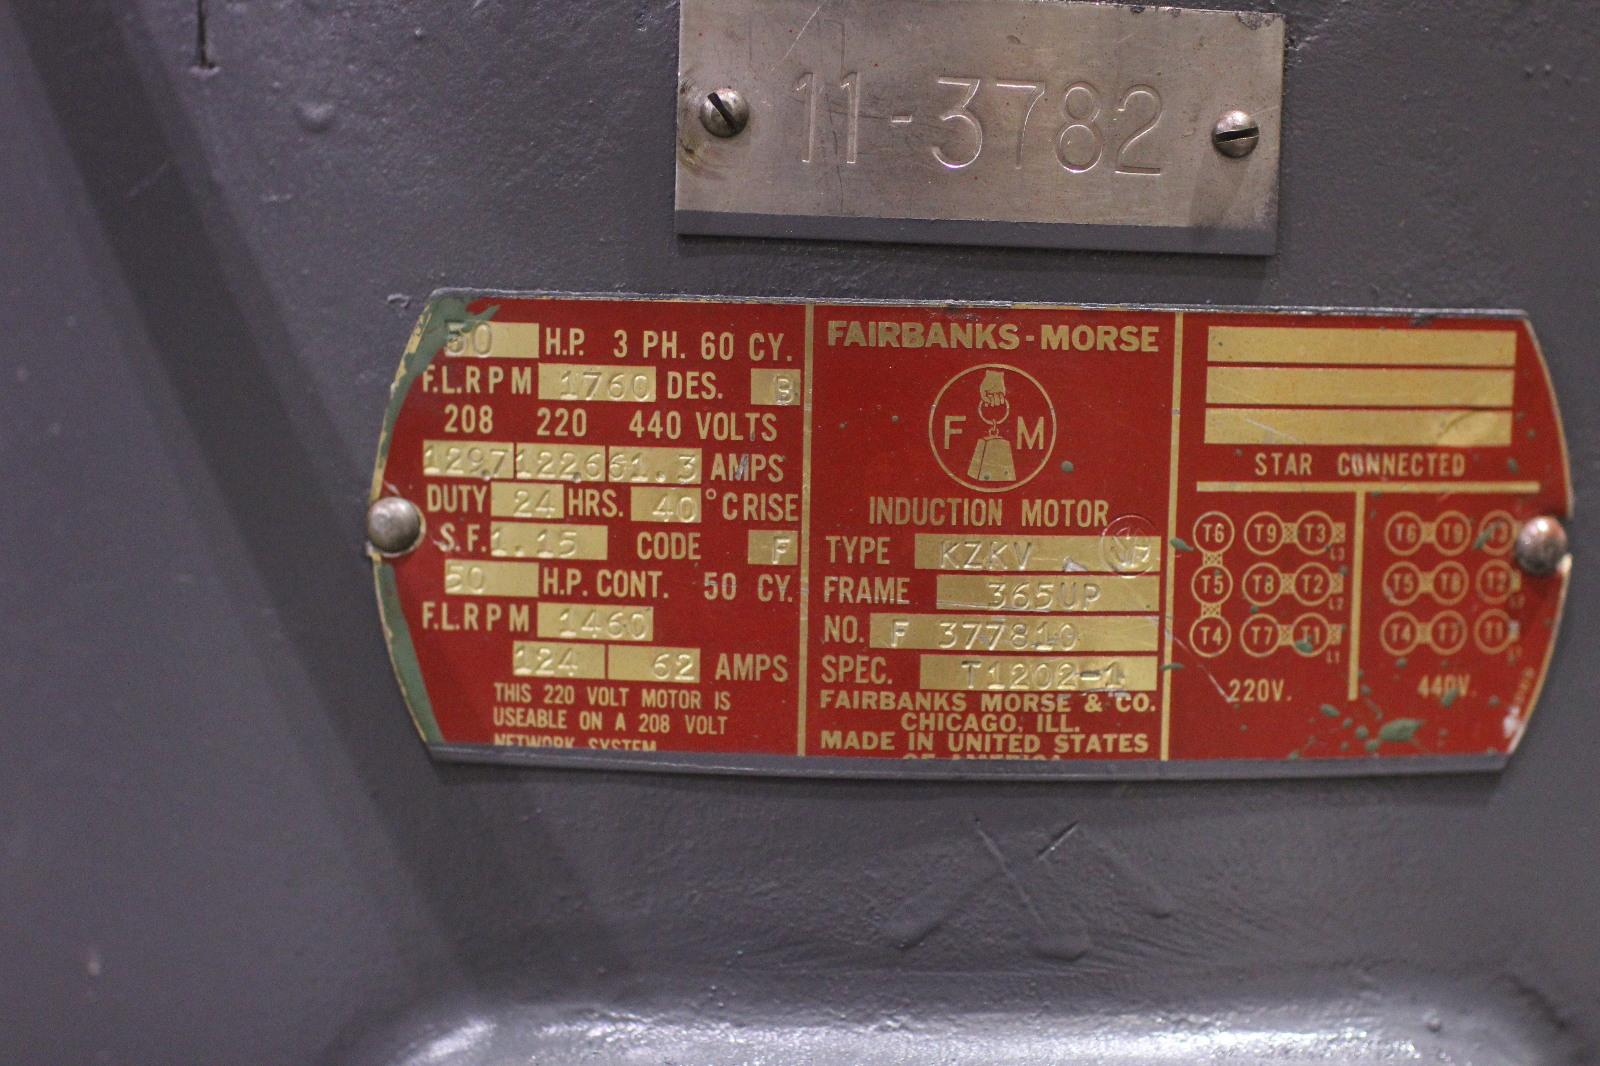 Rblt Fairbanks Morse 50 Hp Vertical Induction Motor Kzkv